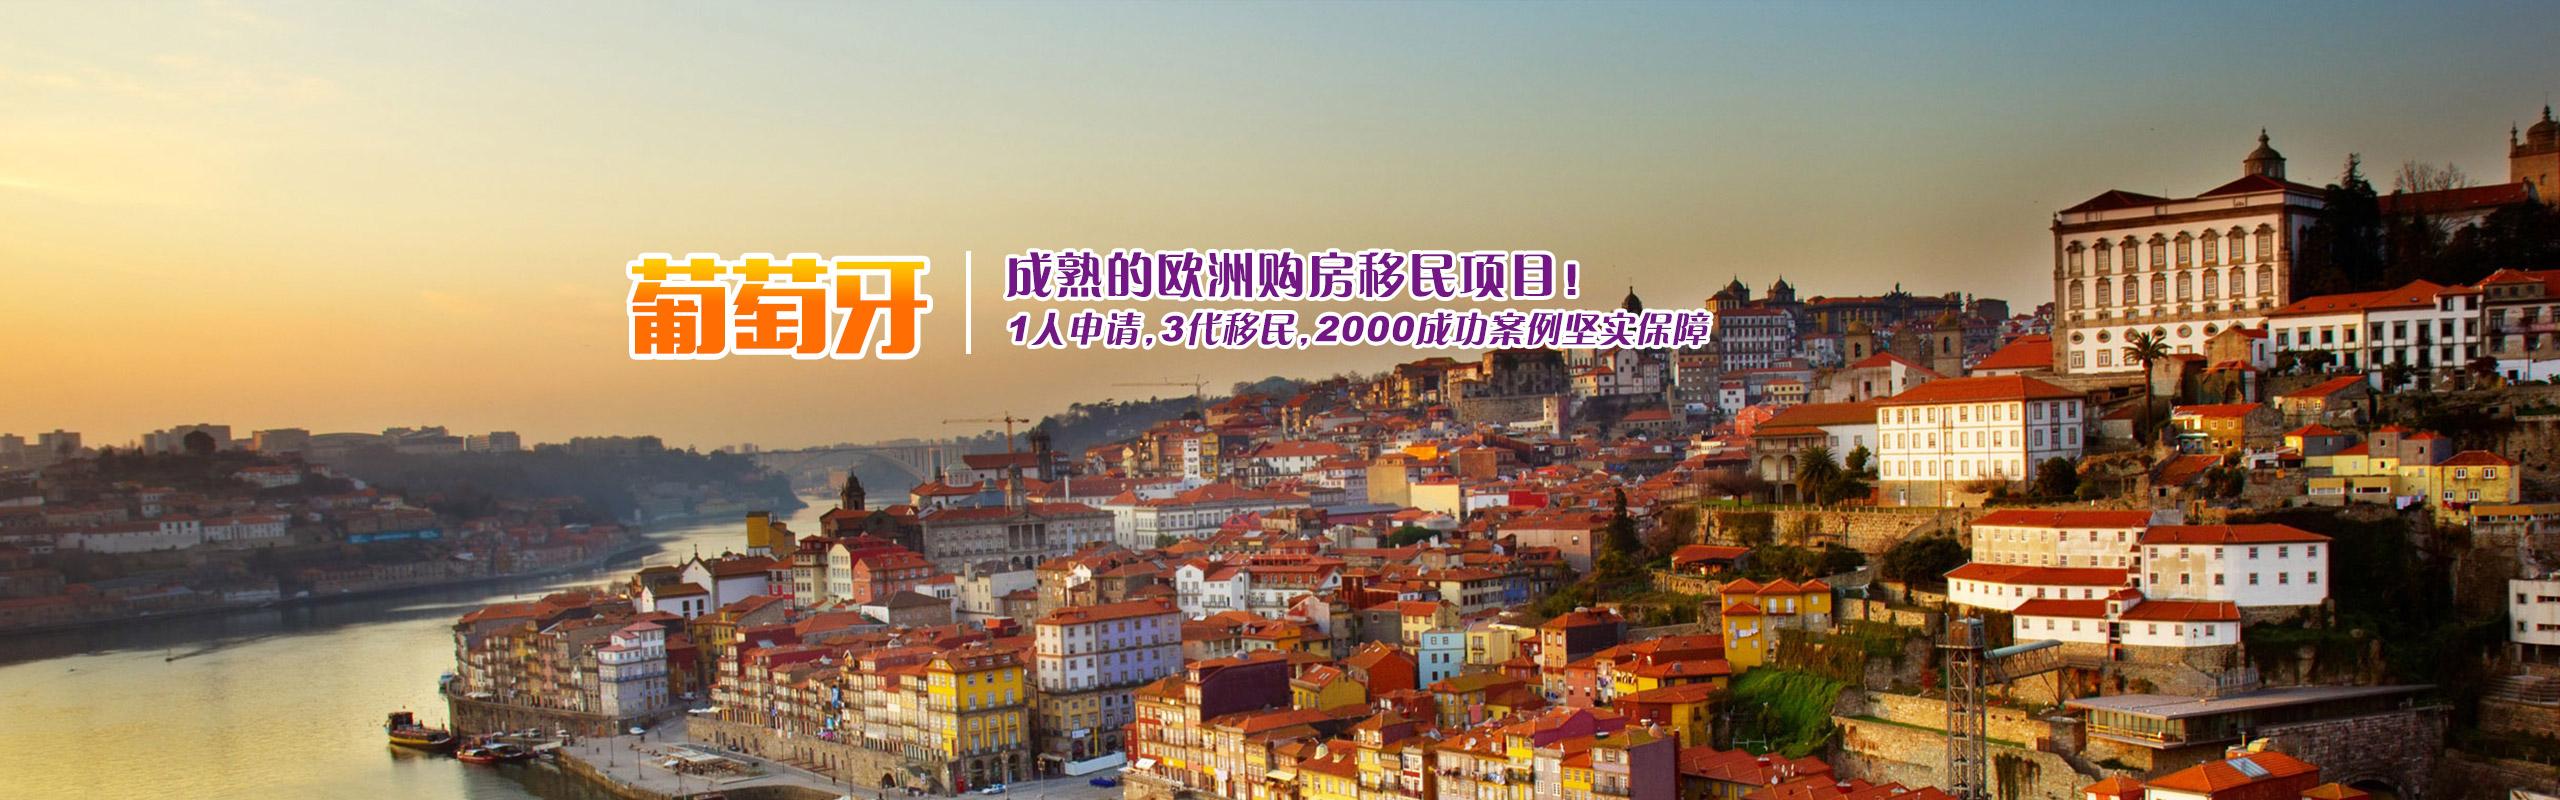 葡萄牙 &#8211; 成熟的欧洲购房移民项目!<br/>1人申请,3代移民,2000成功案例坚实保障